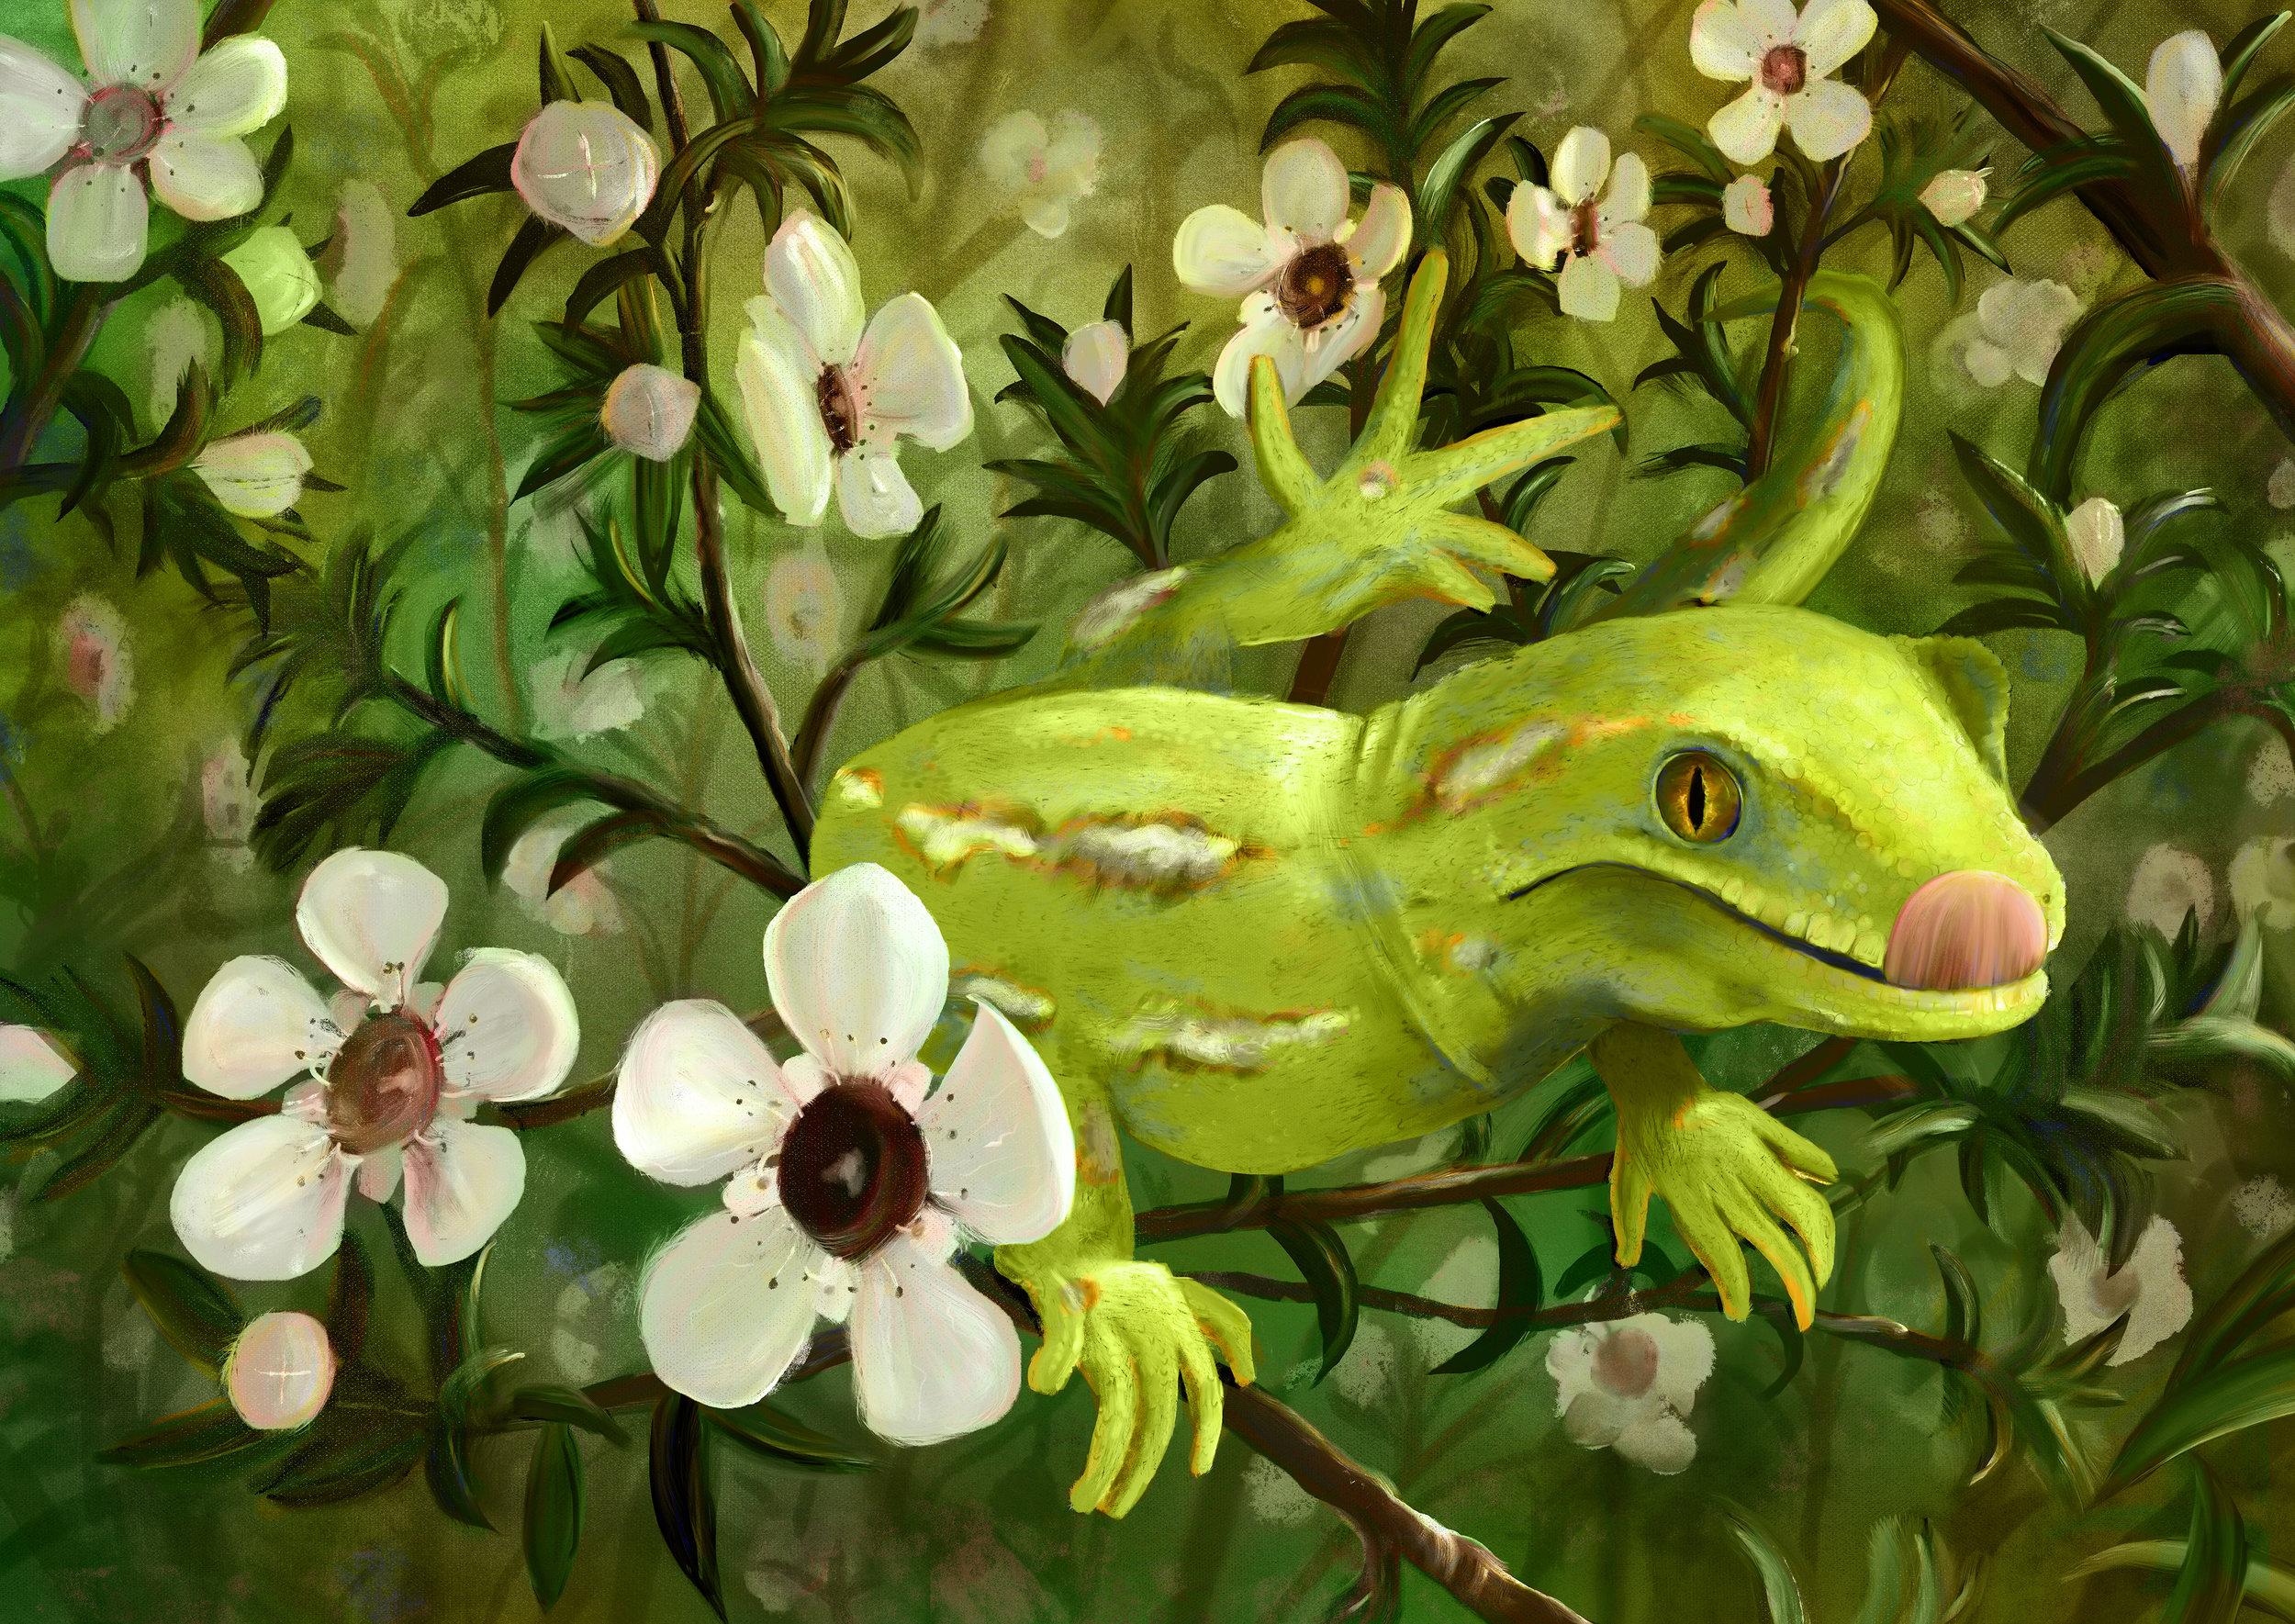 Gecko_Web.jpg